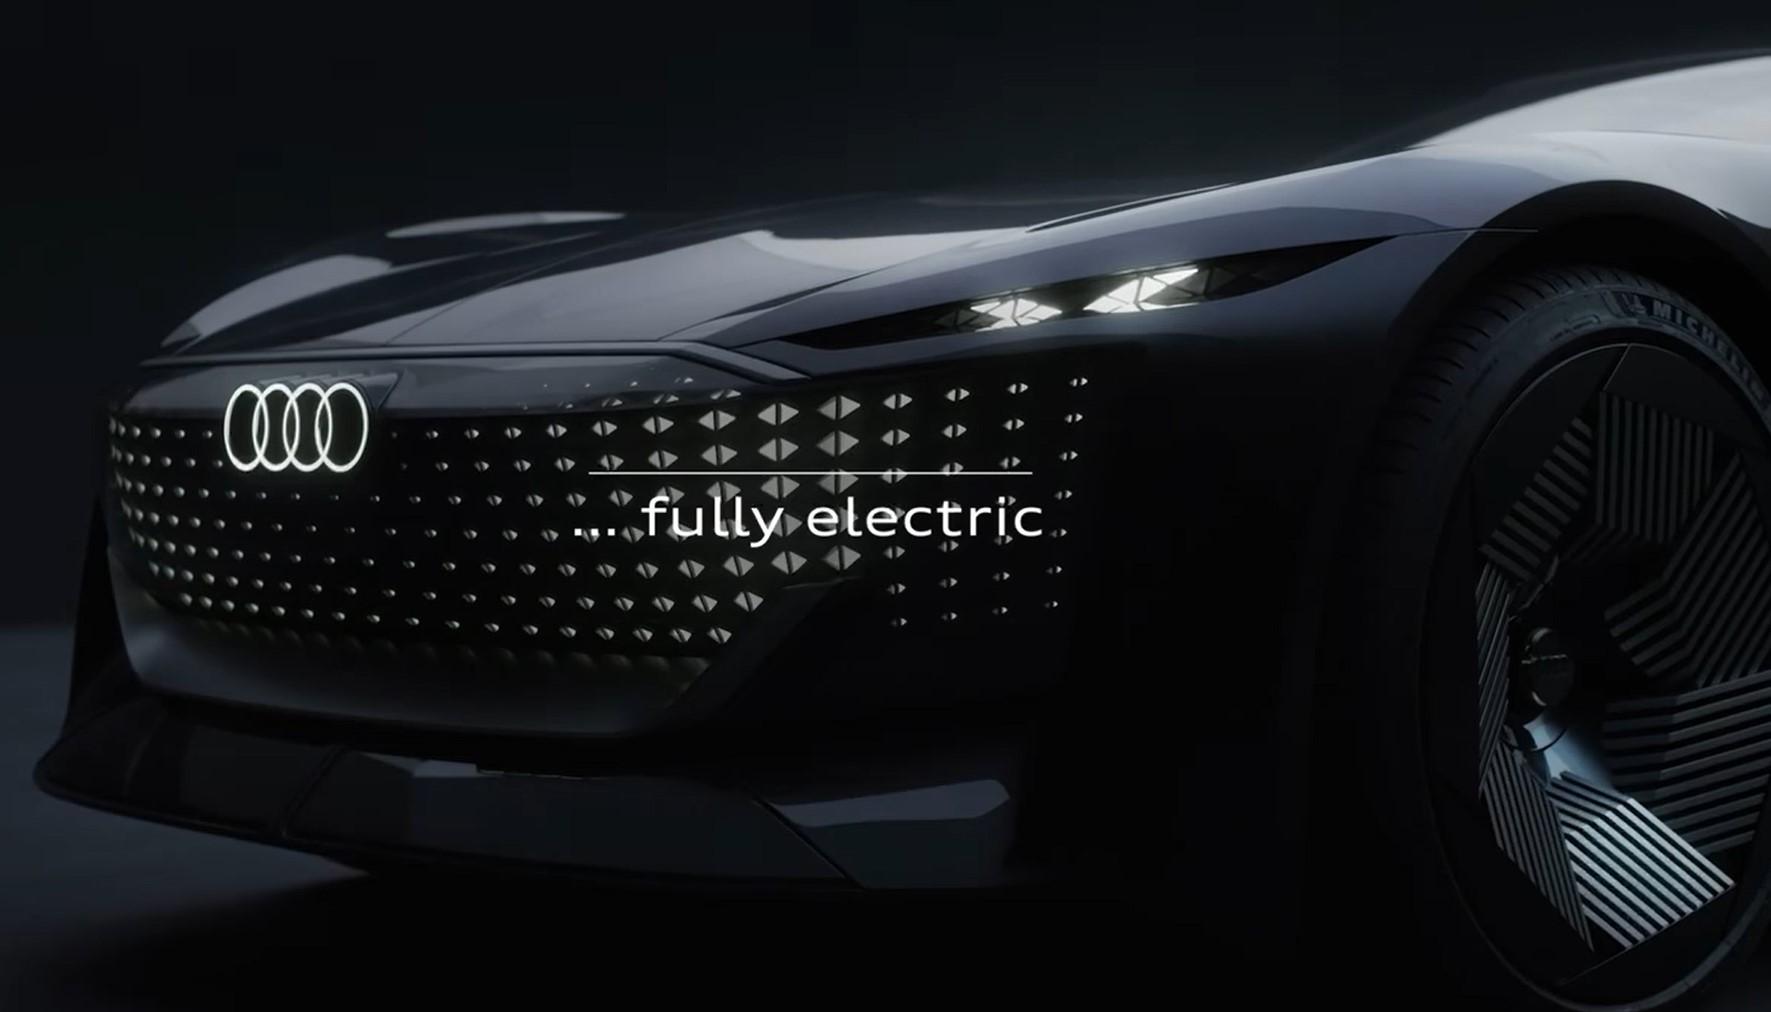 Компания Audi представила последние тизеры нового электрического концепта Skysphere